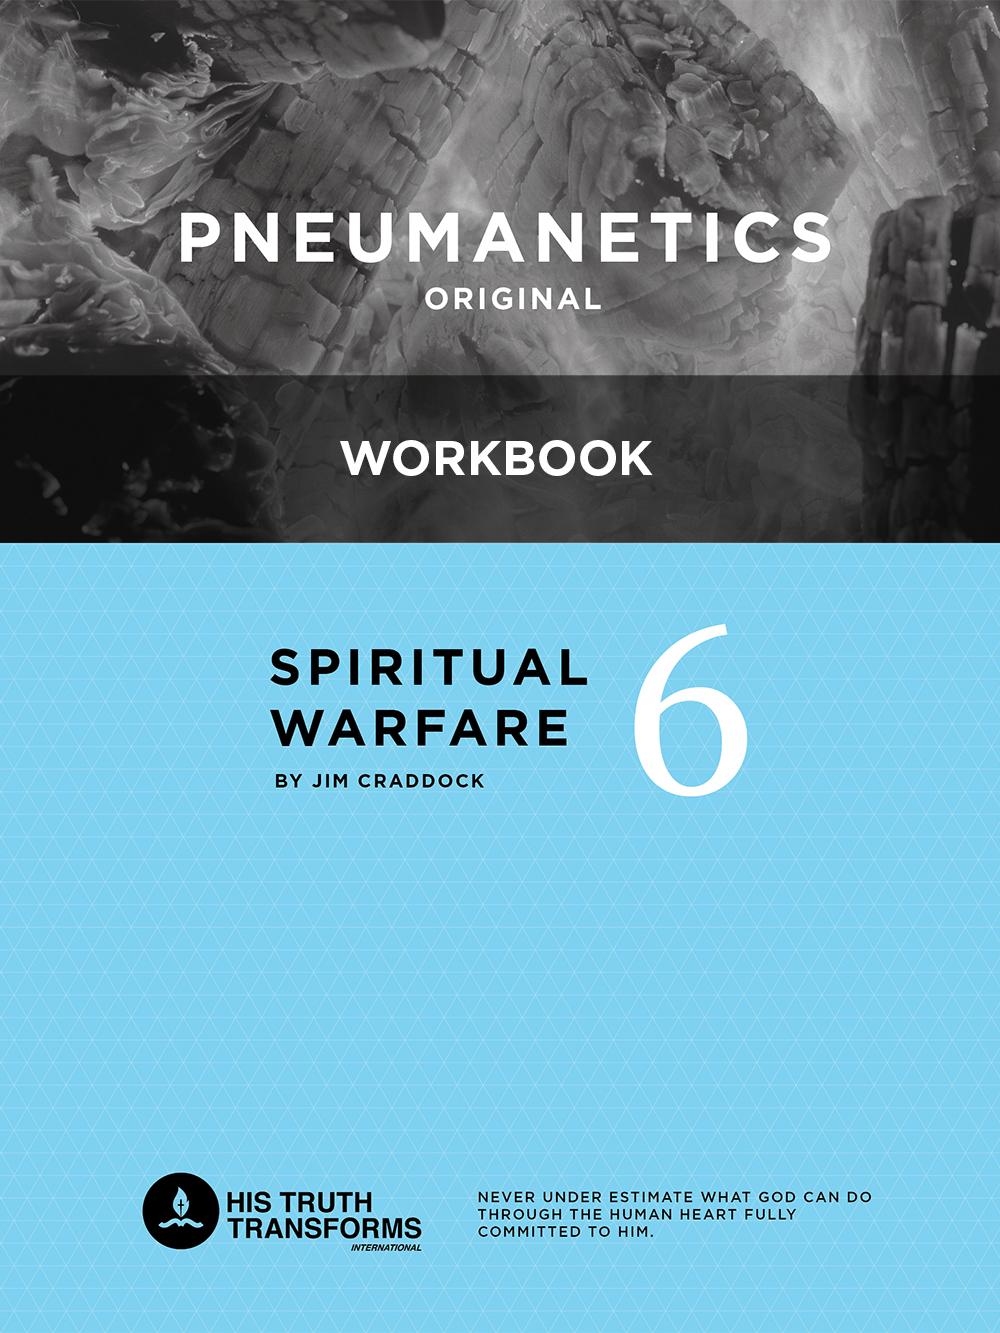 pneumanetics-6-workbook.jpg